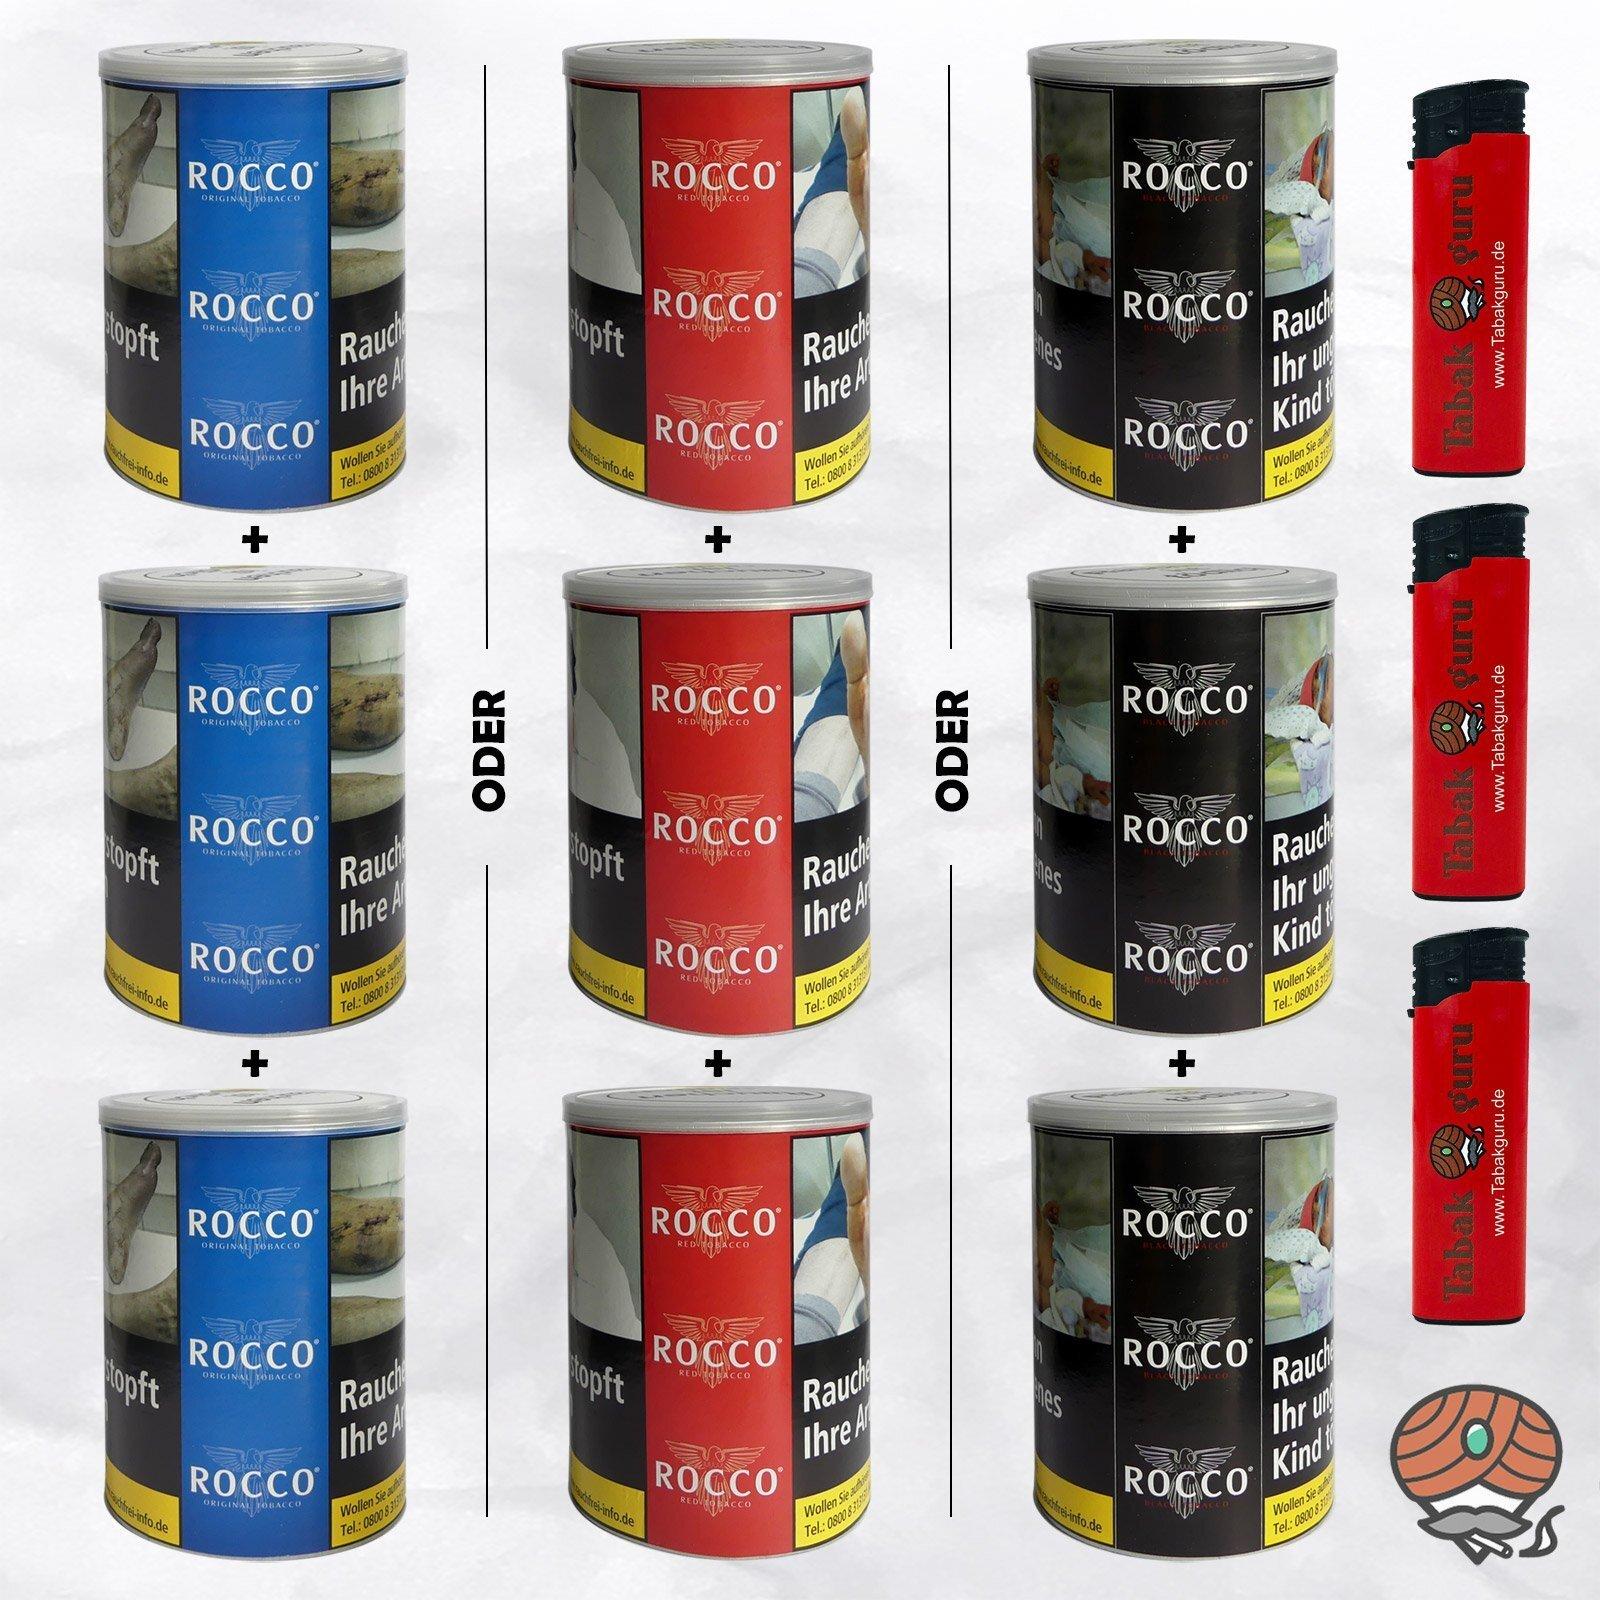 3 x ROCCO ORIGINAL oder RED oder BLACK Tobacco Drehtabak 130 g Dosen wählbar - 3 Dosen ORIGINAL